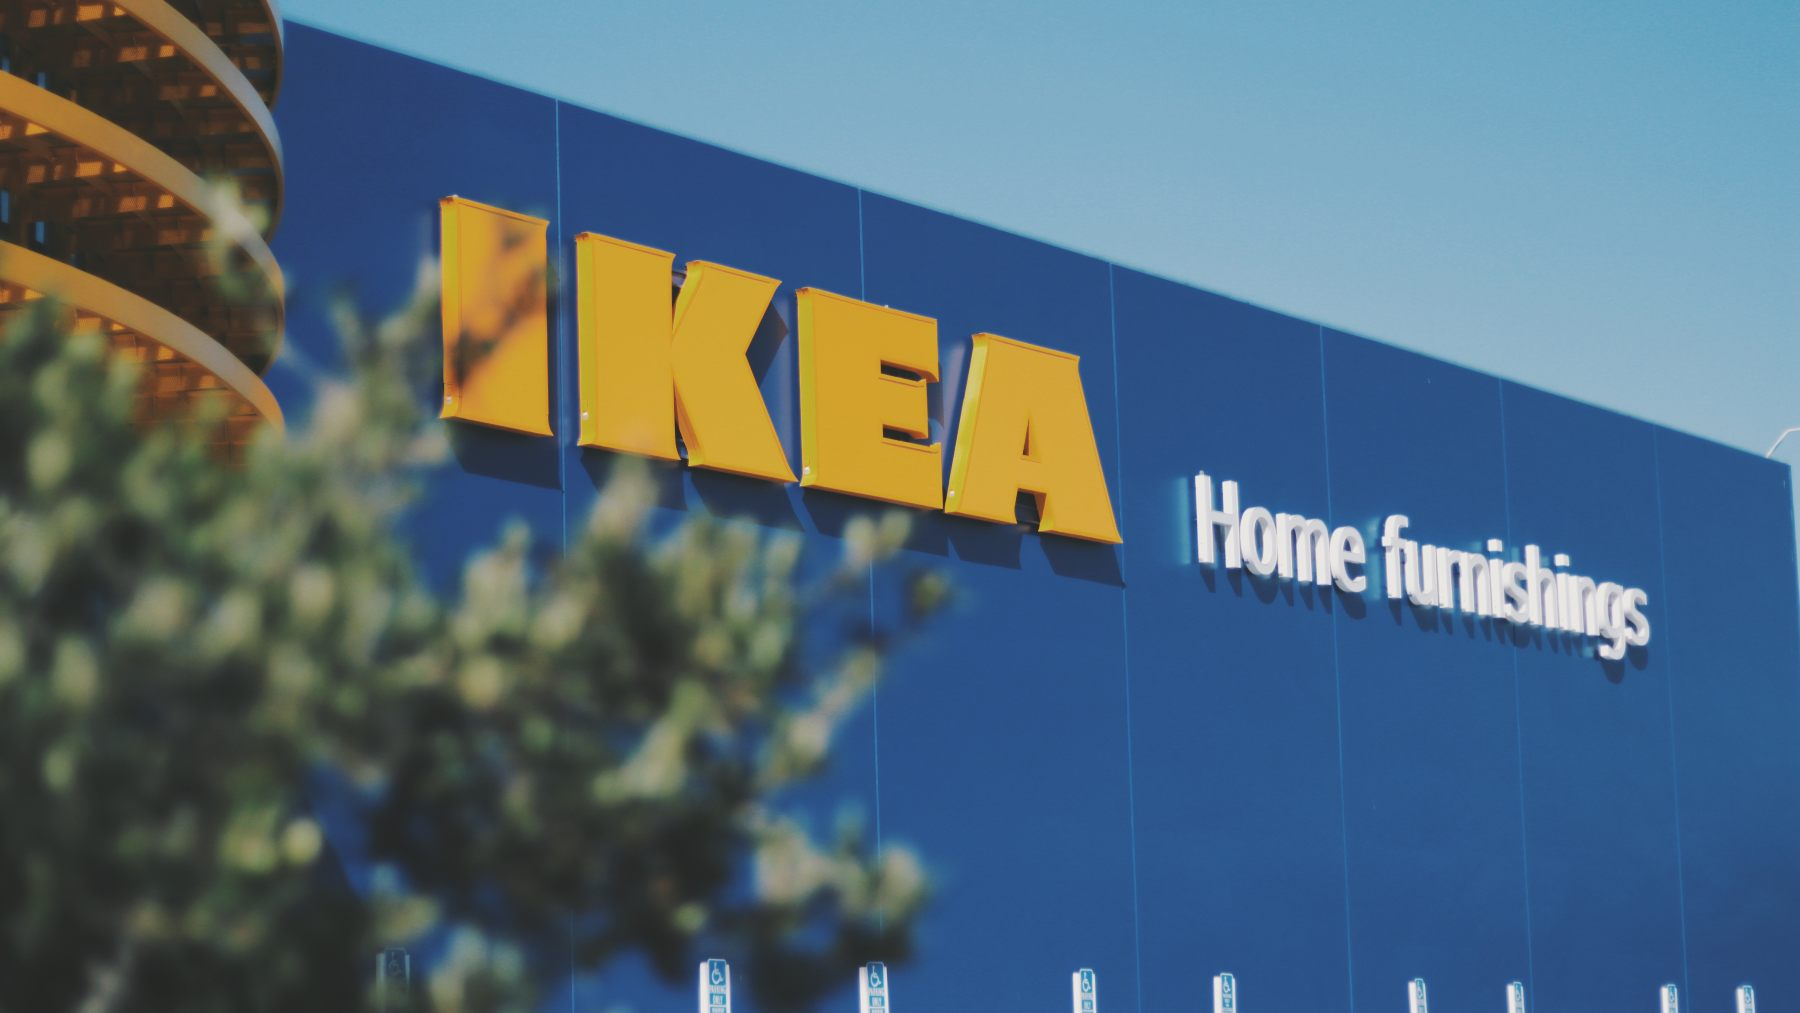 Productos de verano en Ikea